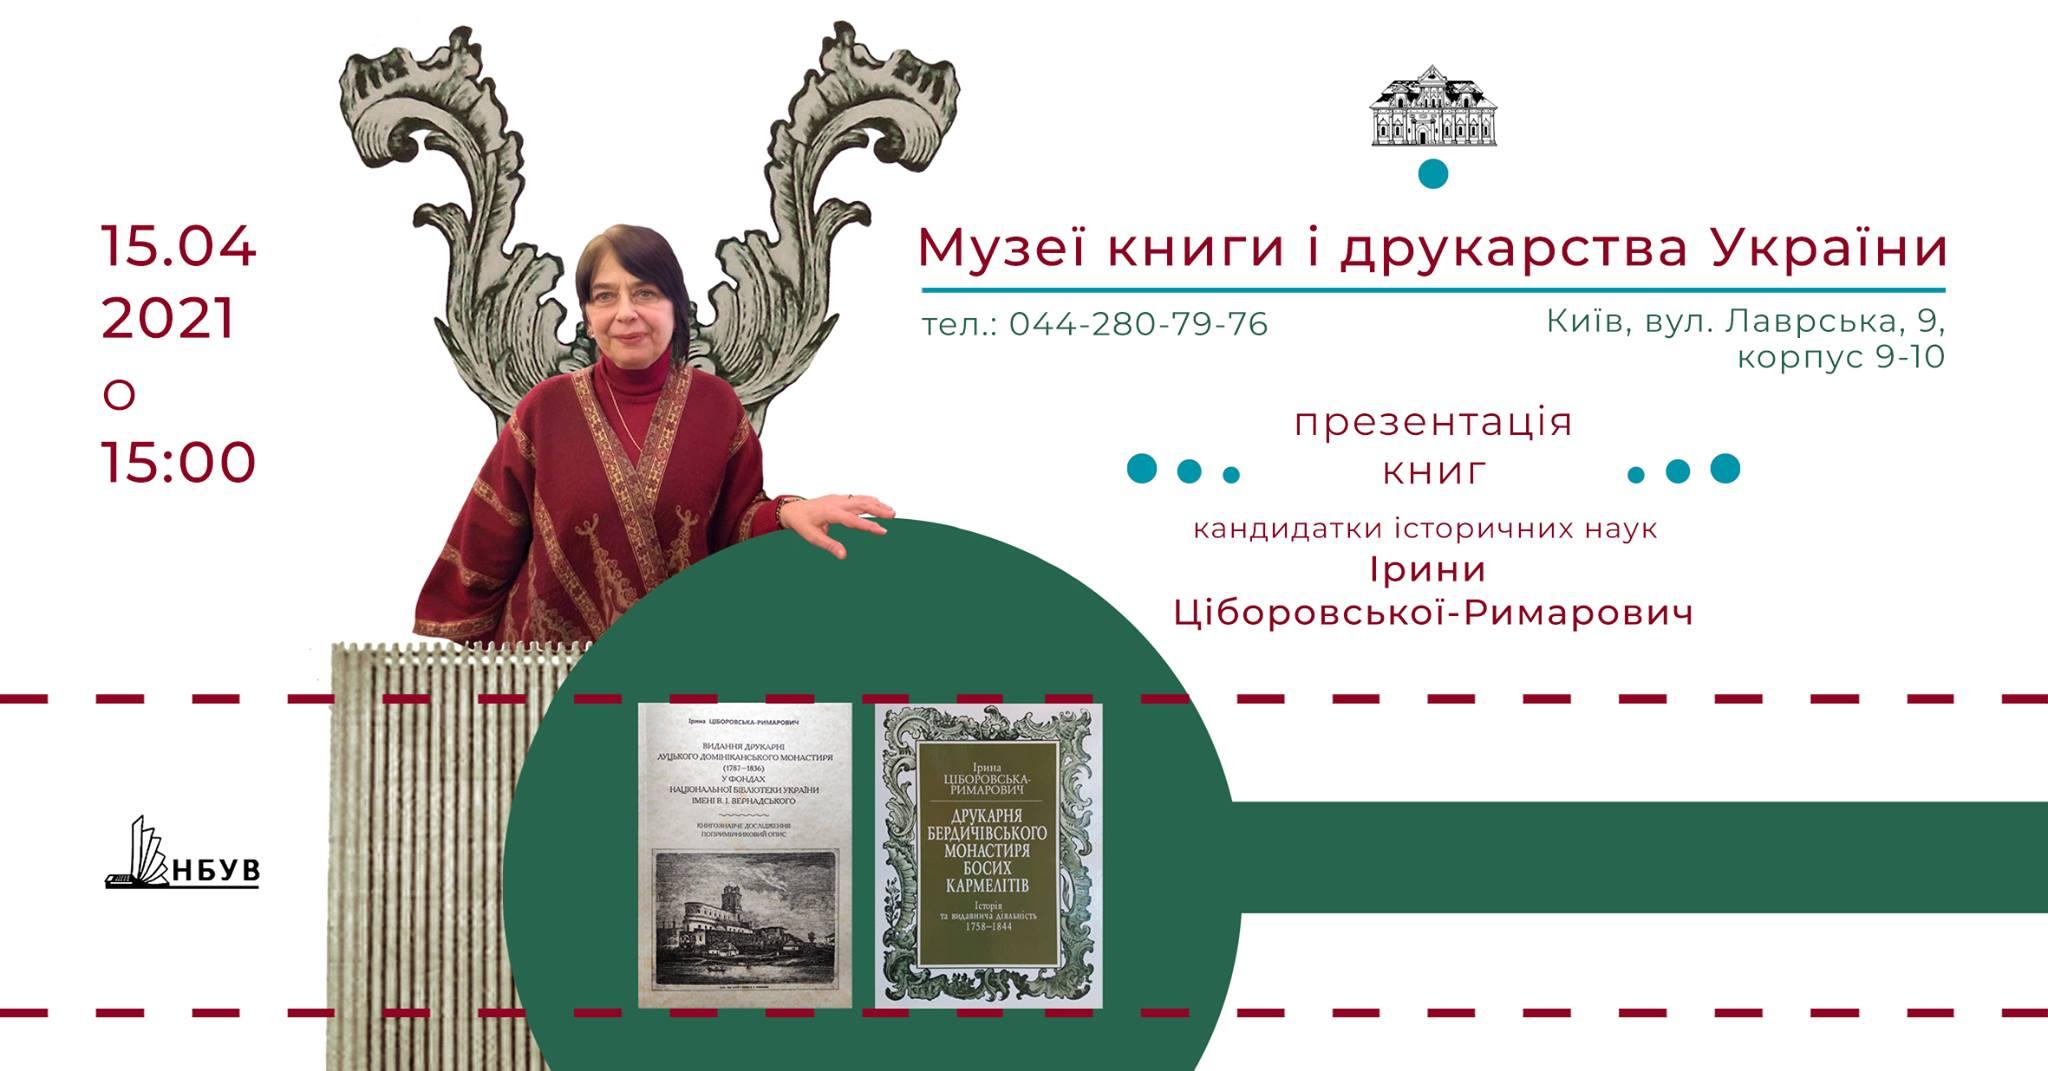 Презентація книг Ірини Ціборовської-Римарович